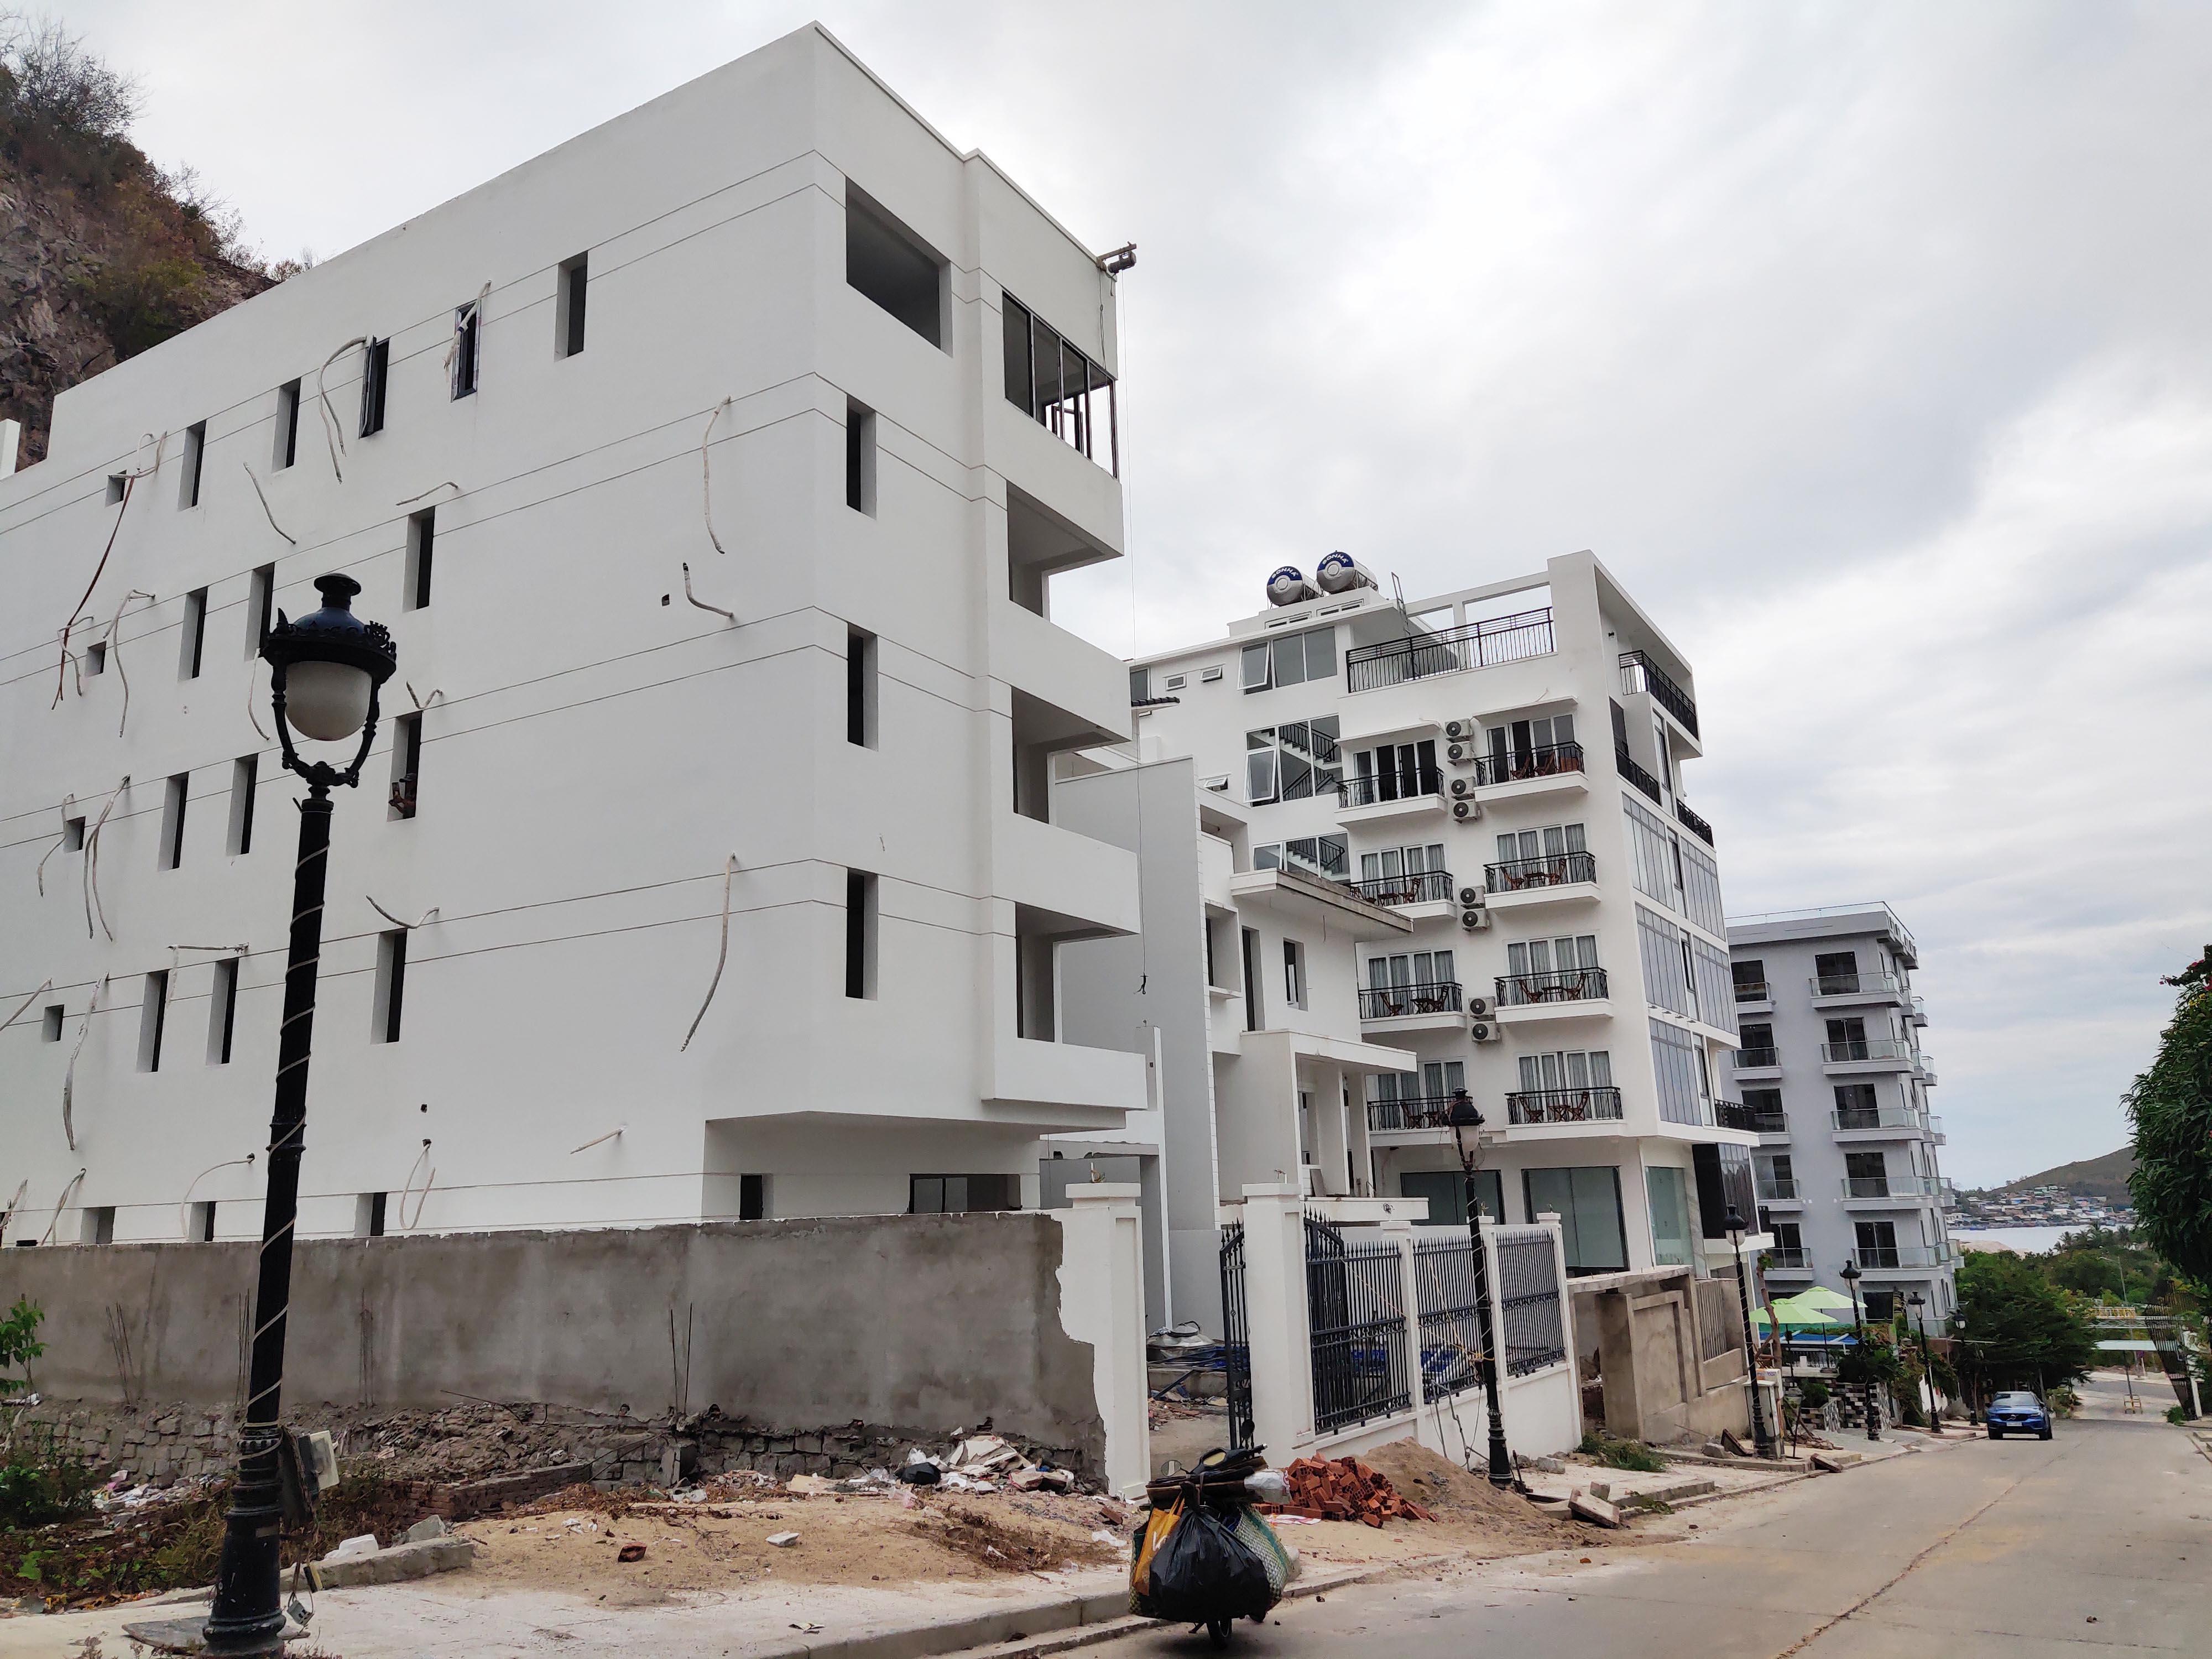 Khánh Hòa: Hơn 900 công trình xây dựng sai phạm - Ảnh 1.